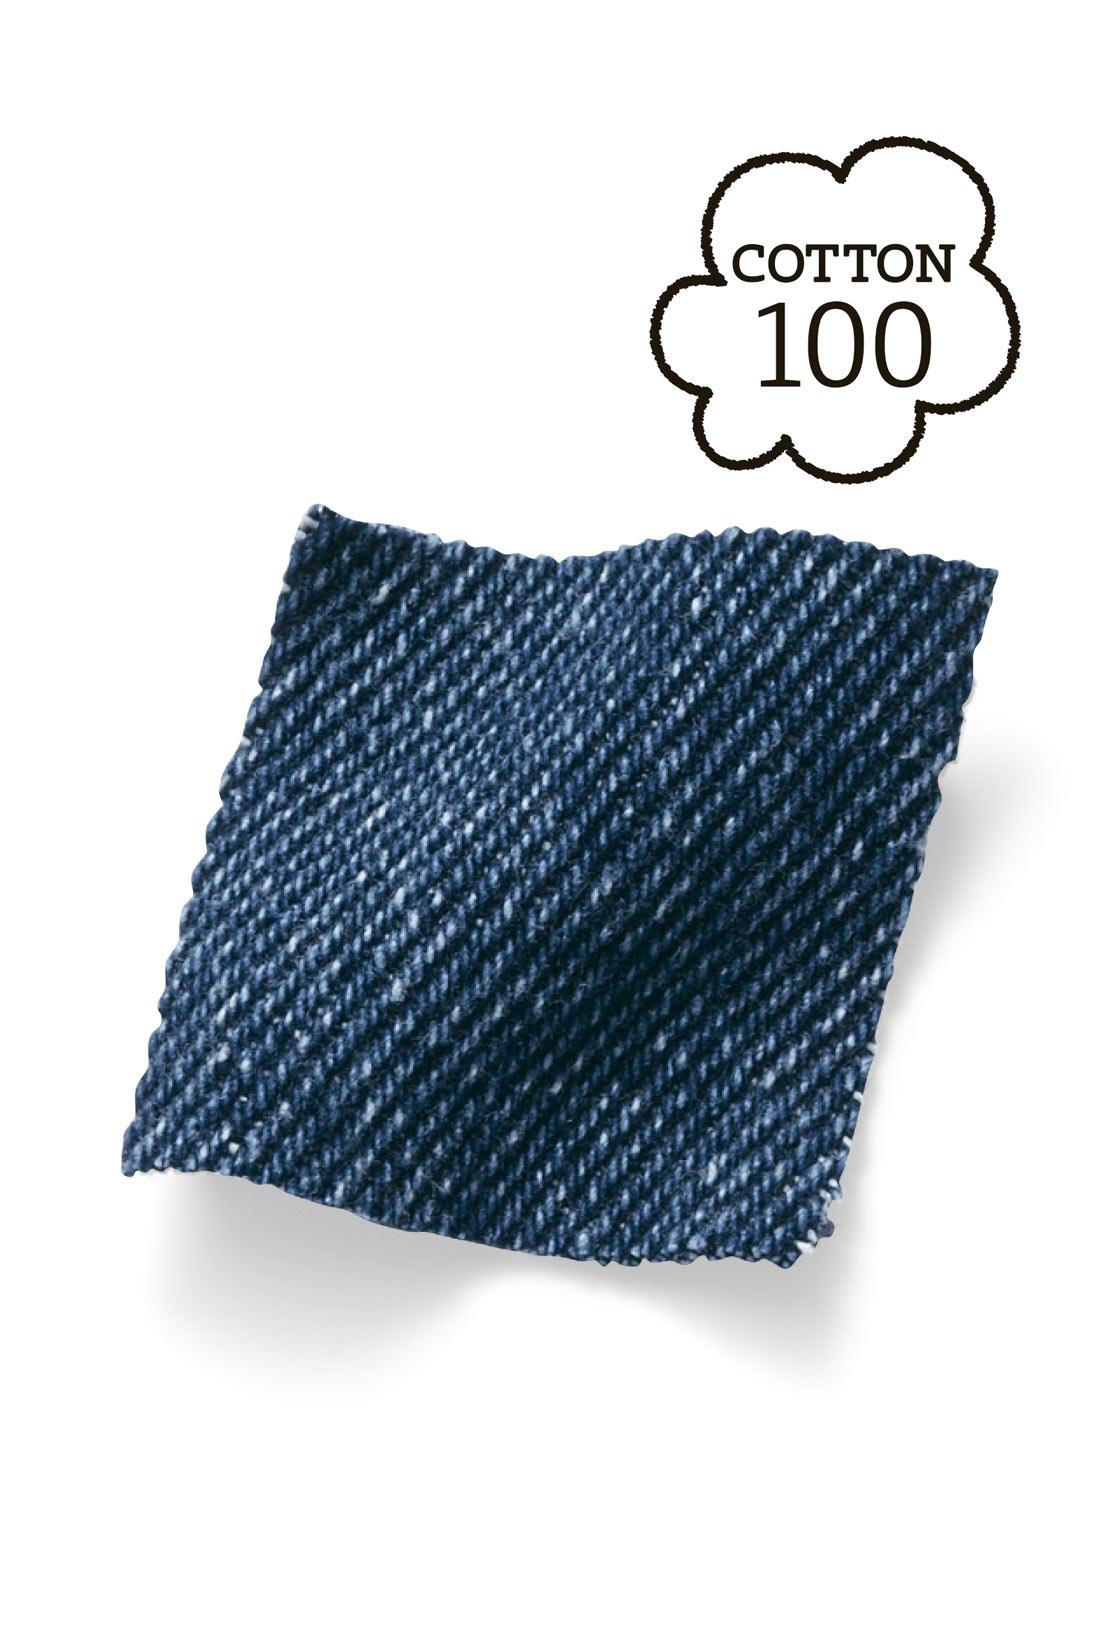 コットン100%の繊維に高速で撚りをかけることで、ざくっと見えてしなやか&軽やかなはき心地を実現。